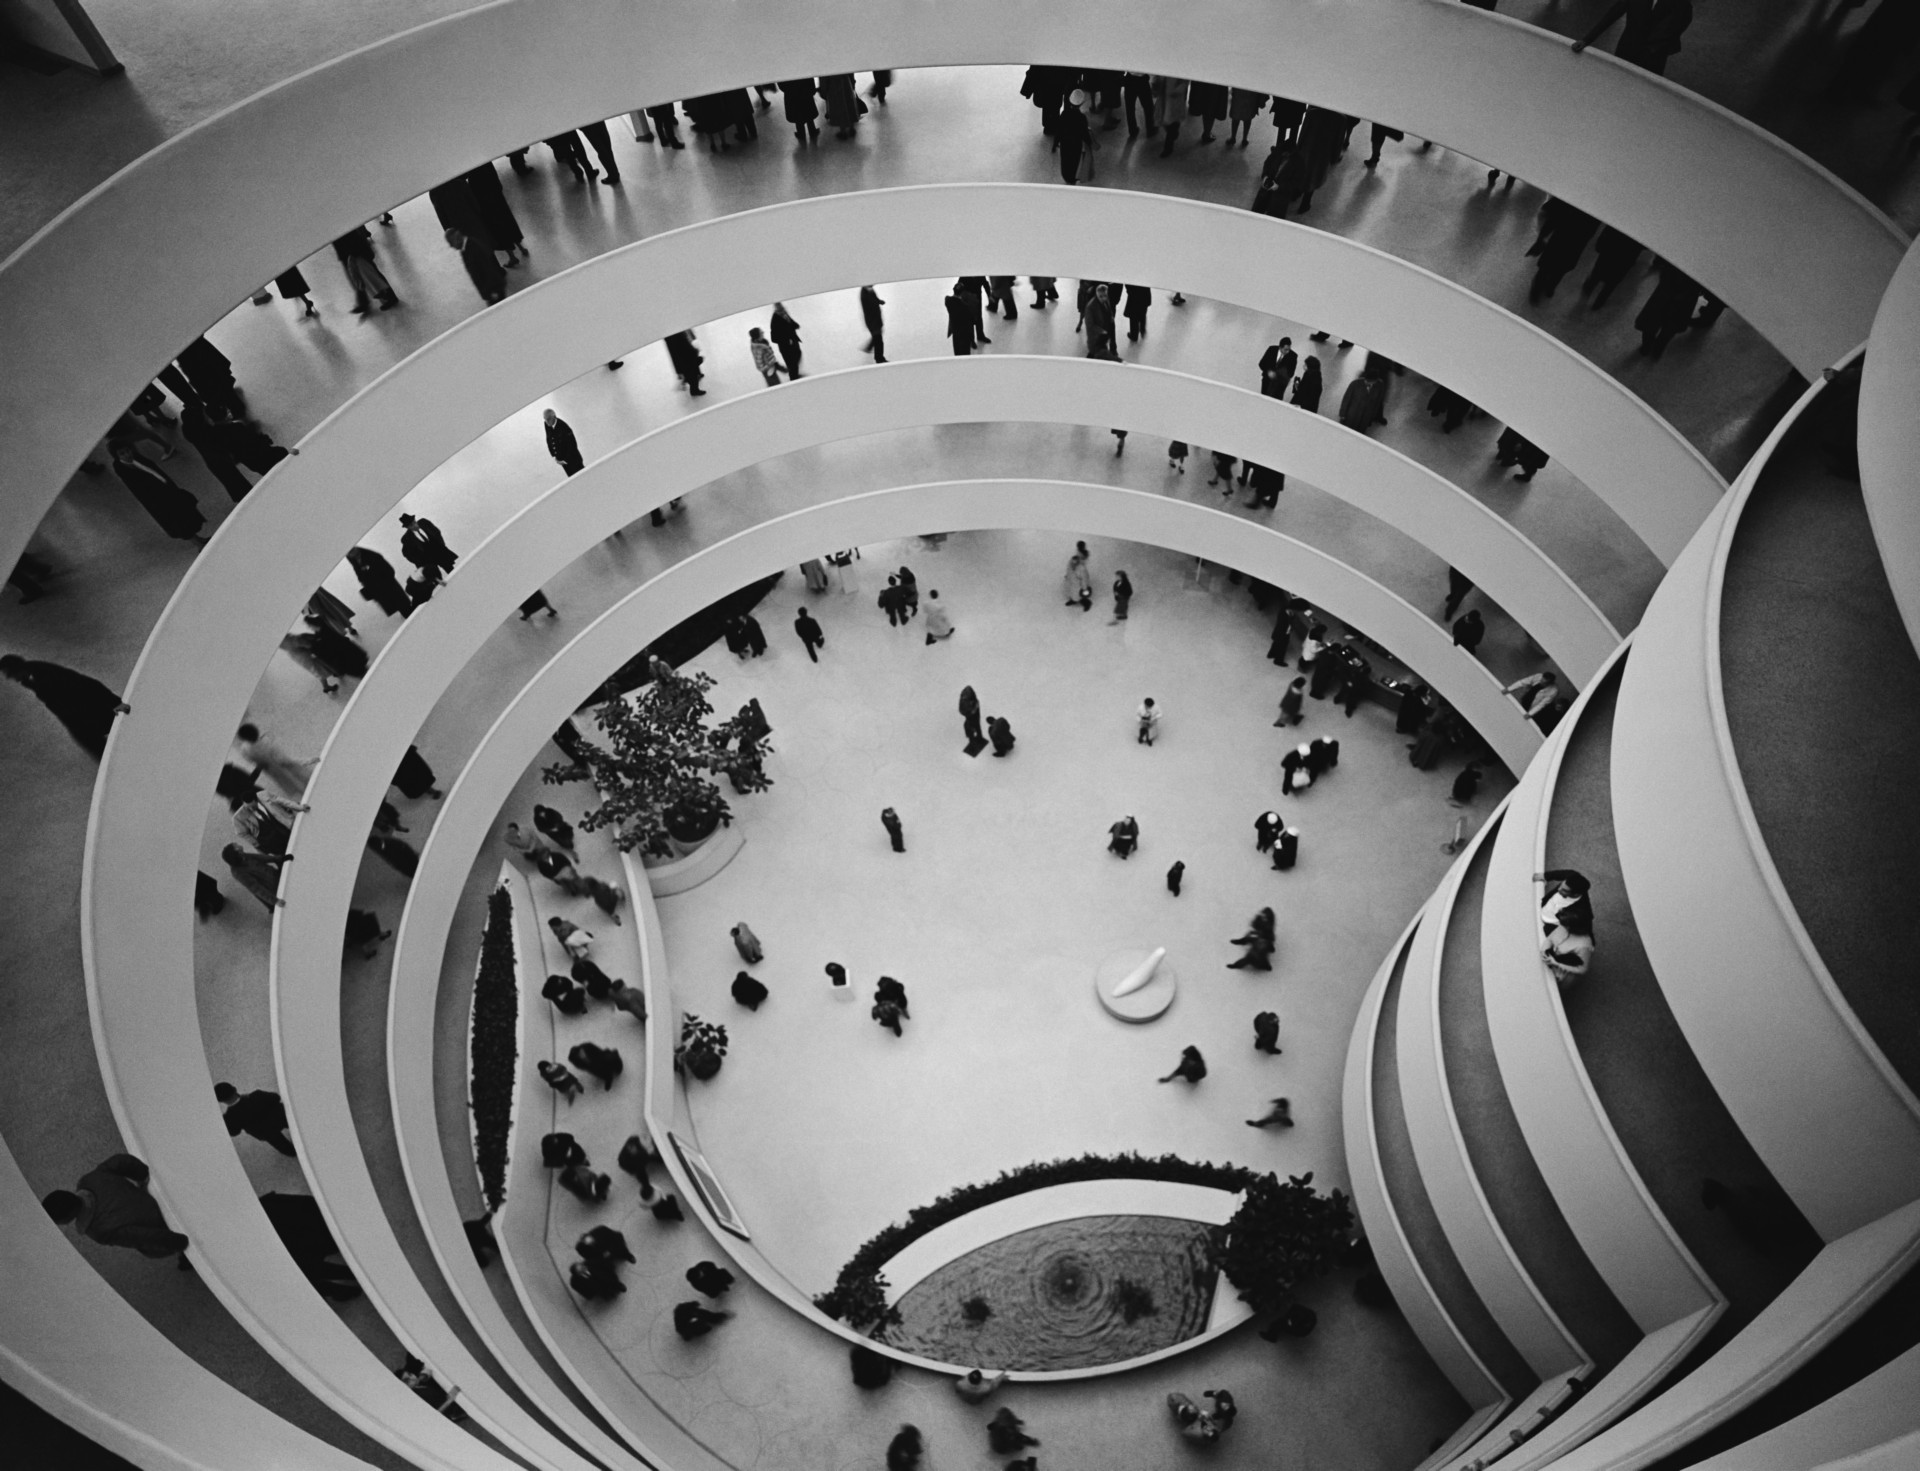 Borradura Tacón revista  Frank Lloyd Wright's Guggenheim Museum turns 60   Floornature